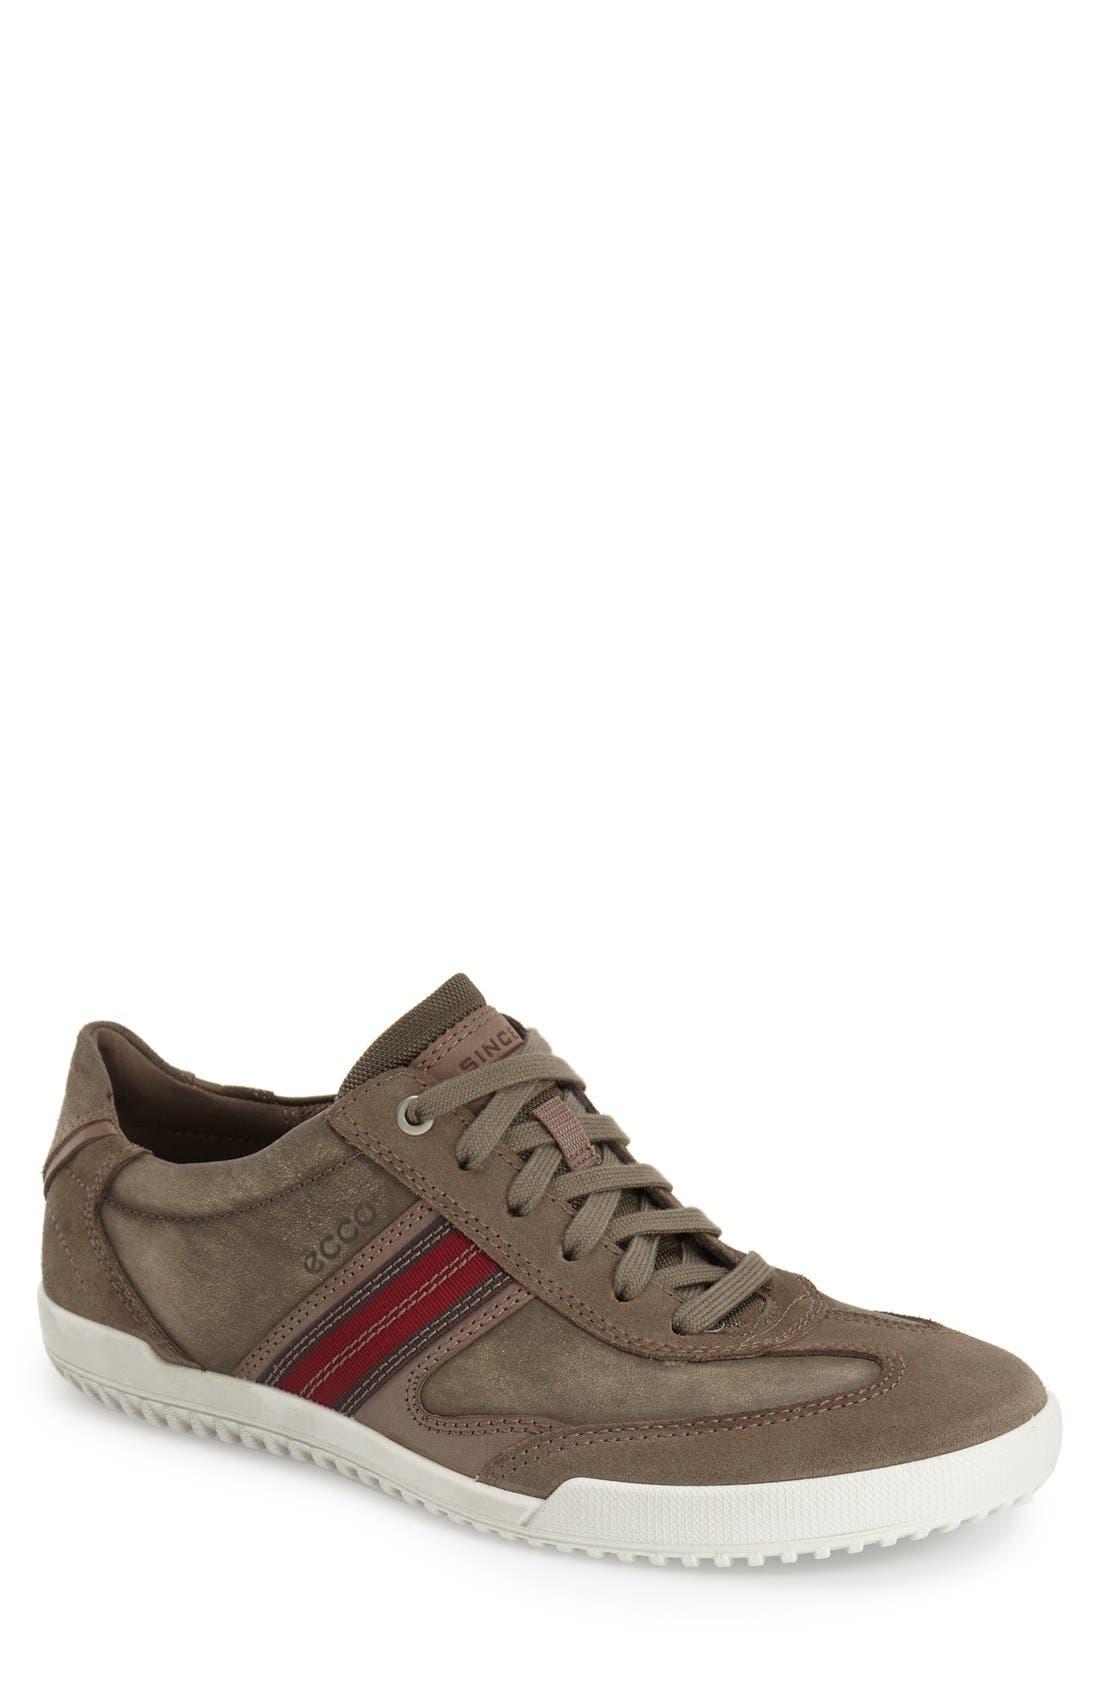 'Graham' Sneaker, Main, color, 035